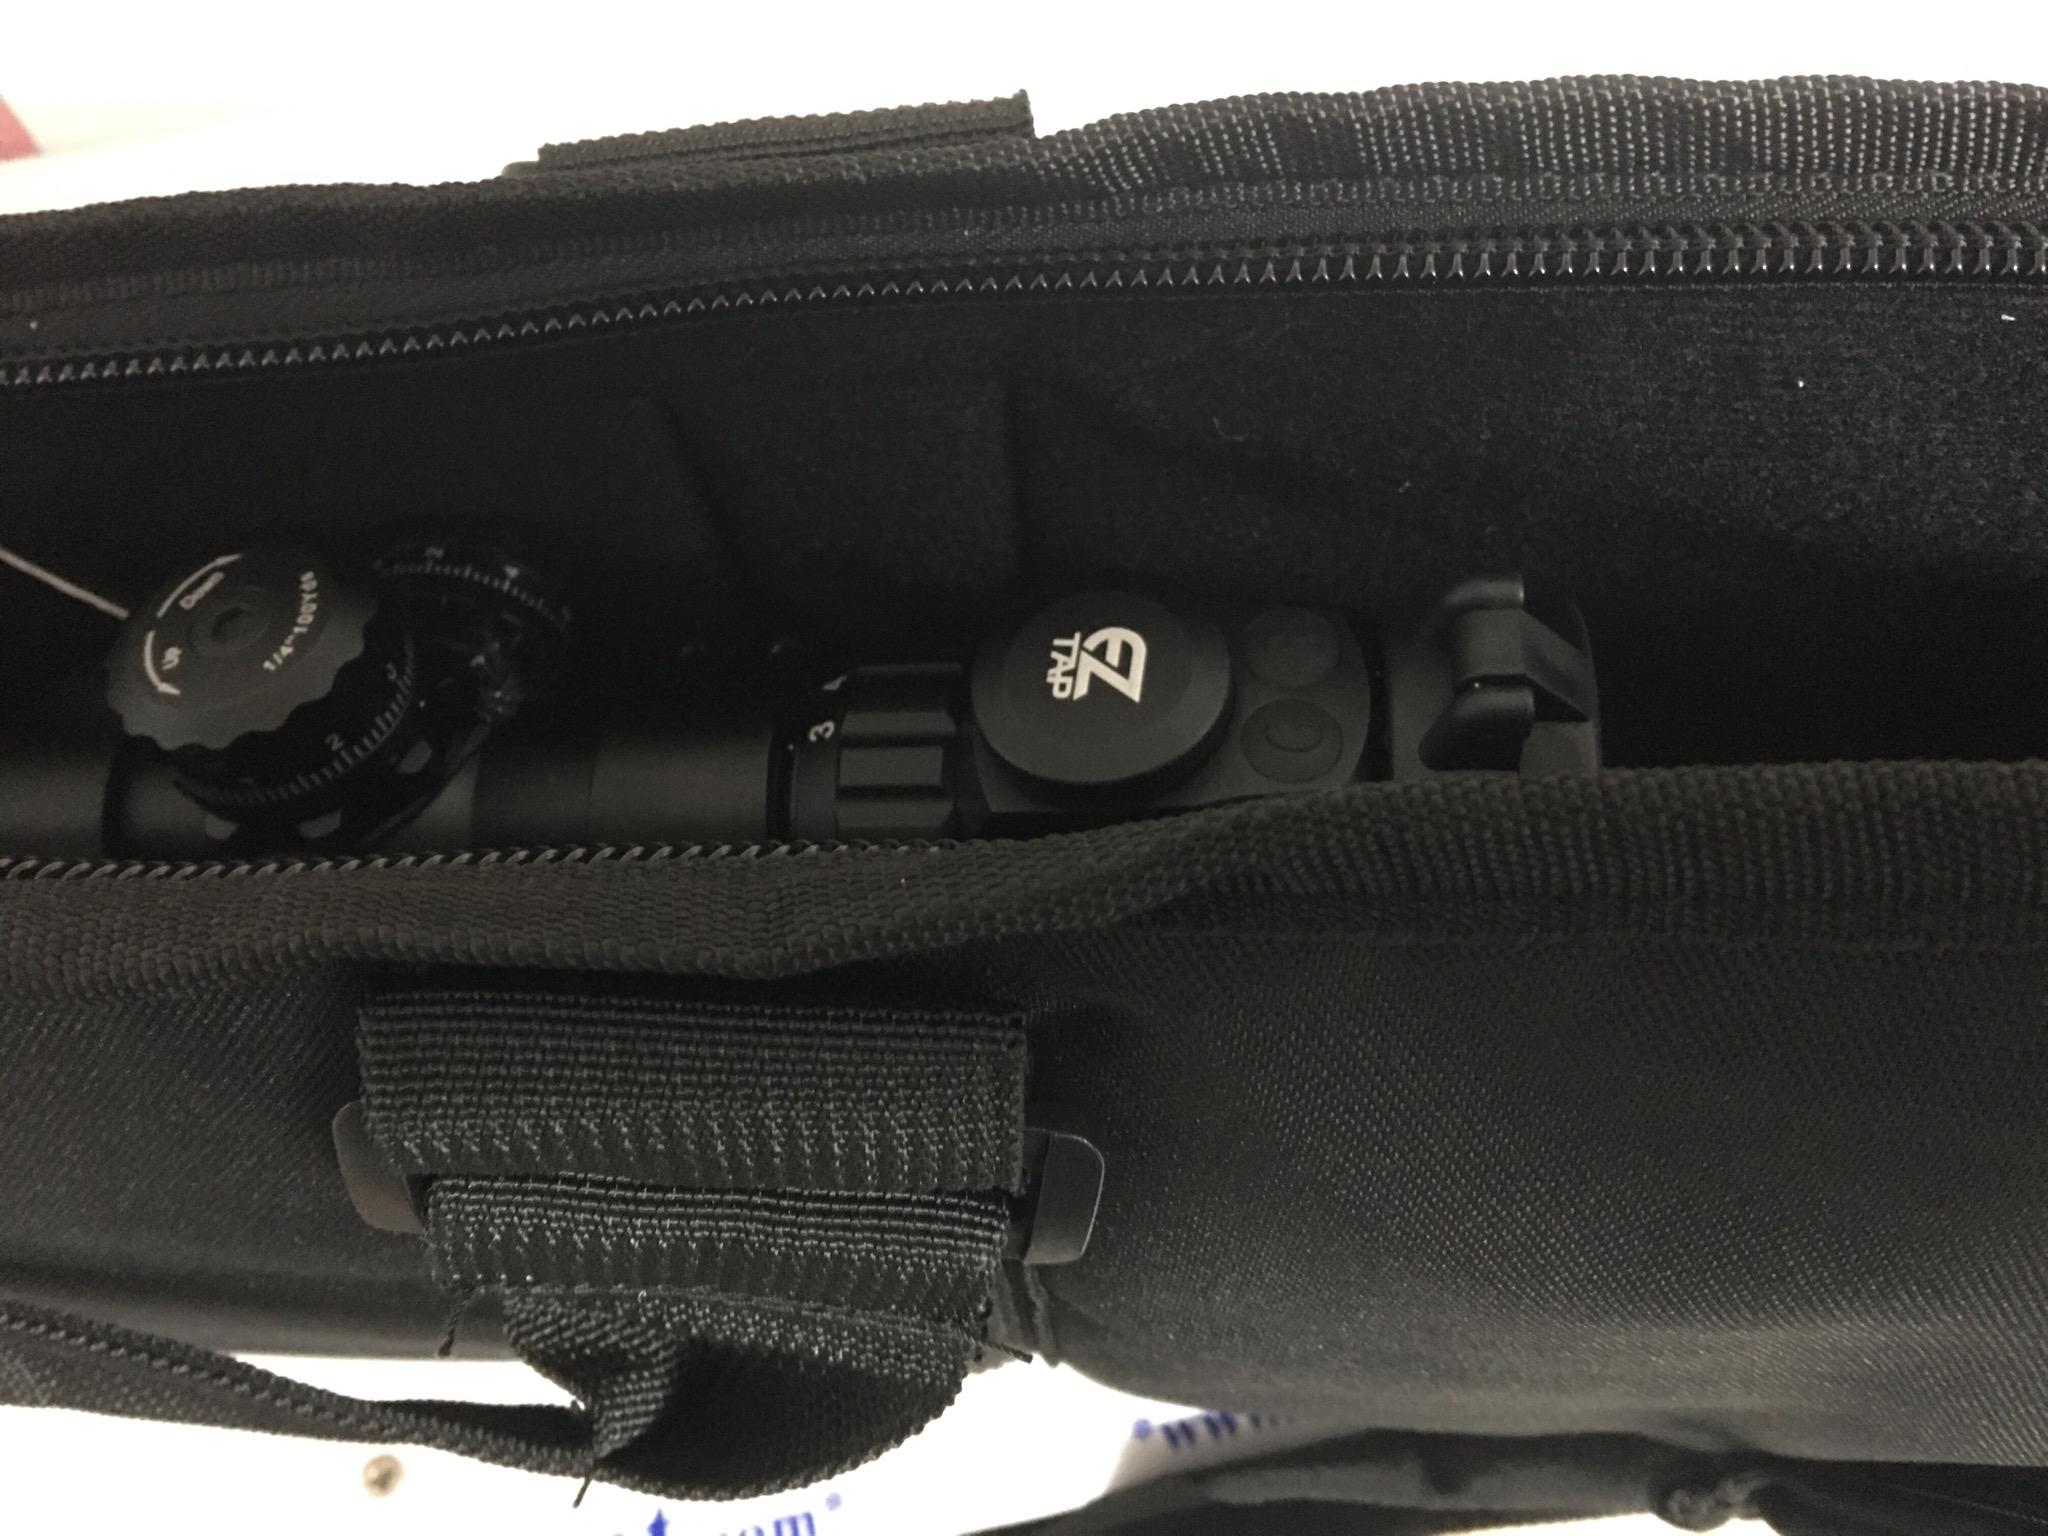 Dieses Beispiel soll zeigen, dass das Futteral auch für Gewehre mit Optik geeignet ist.